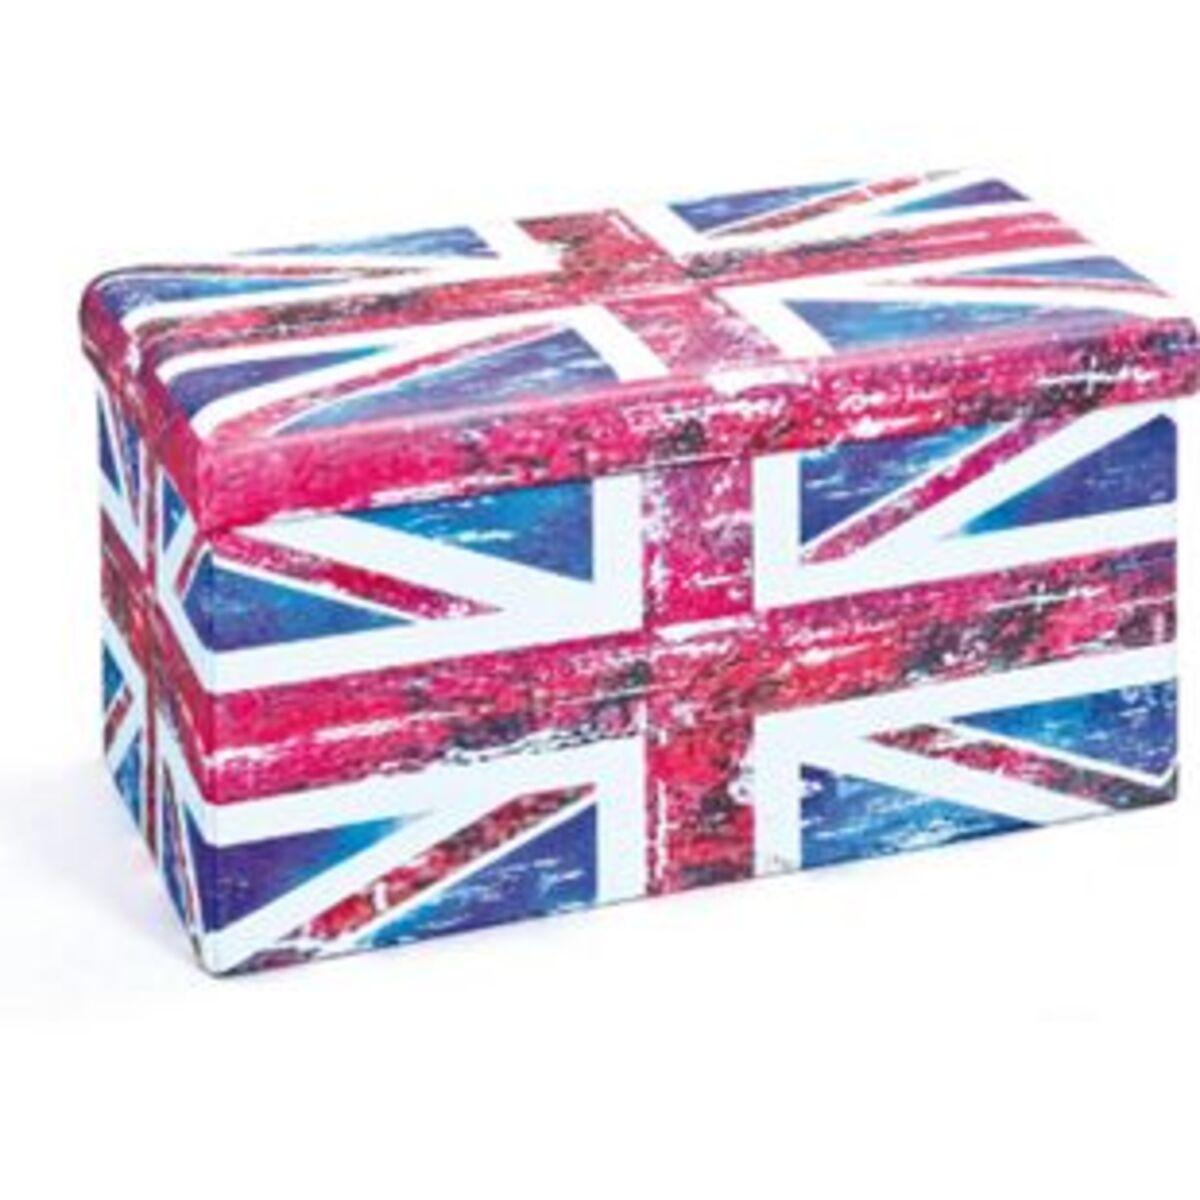 Bild 2 von Inter Link Faltbox Setto groß Union Jack